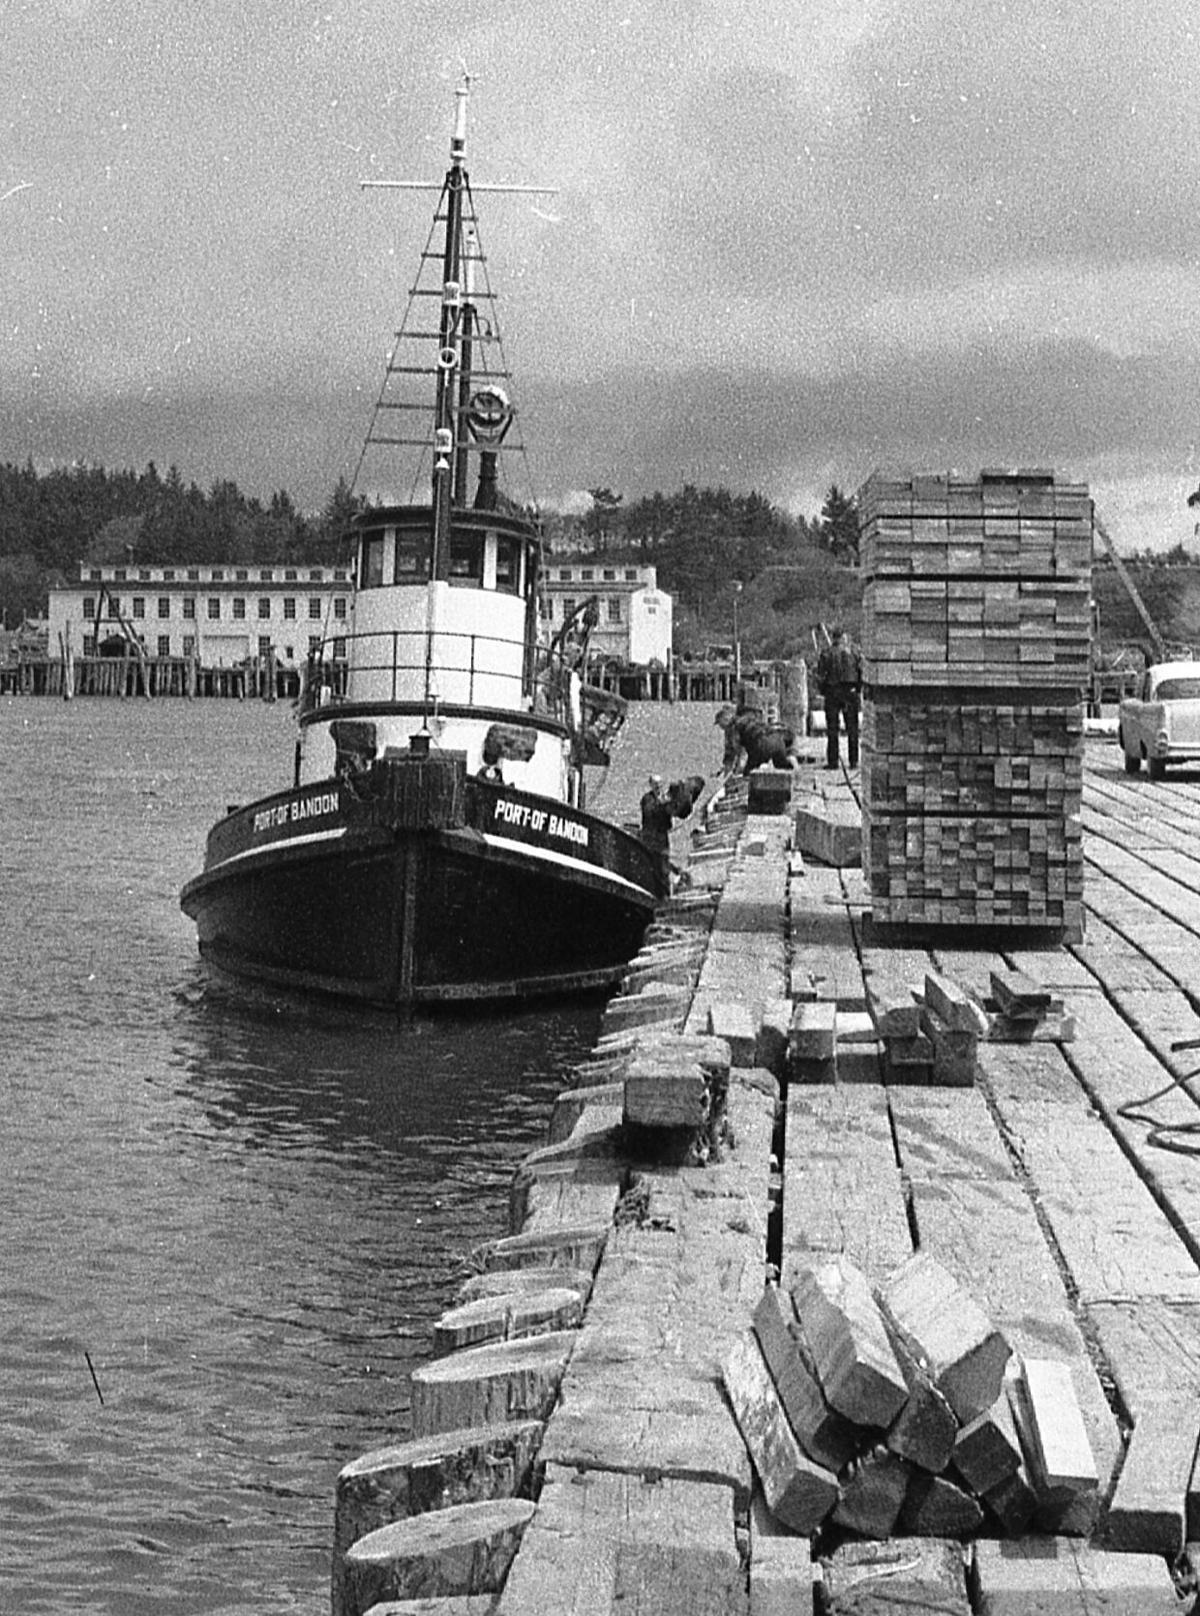 The Port of Bandon tug